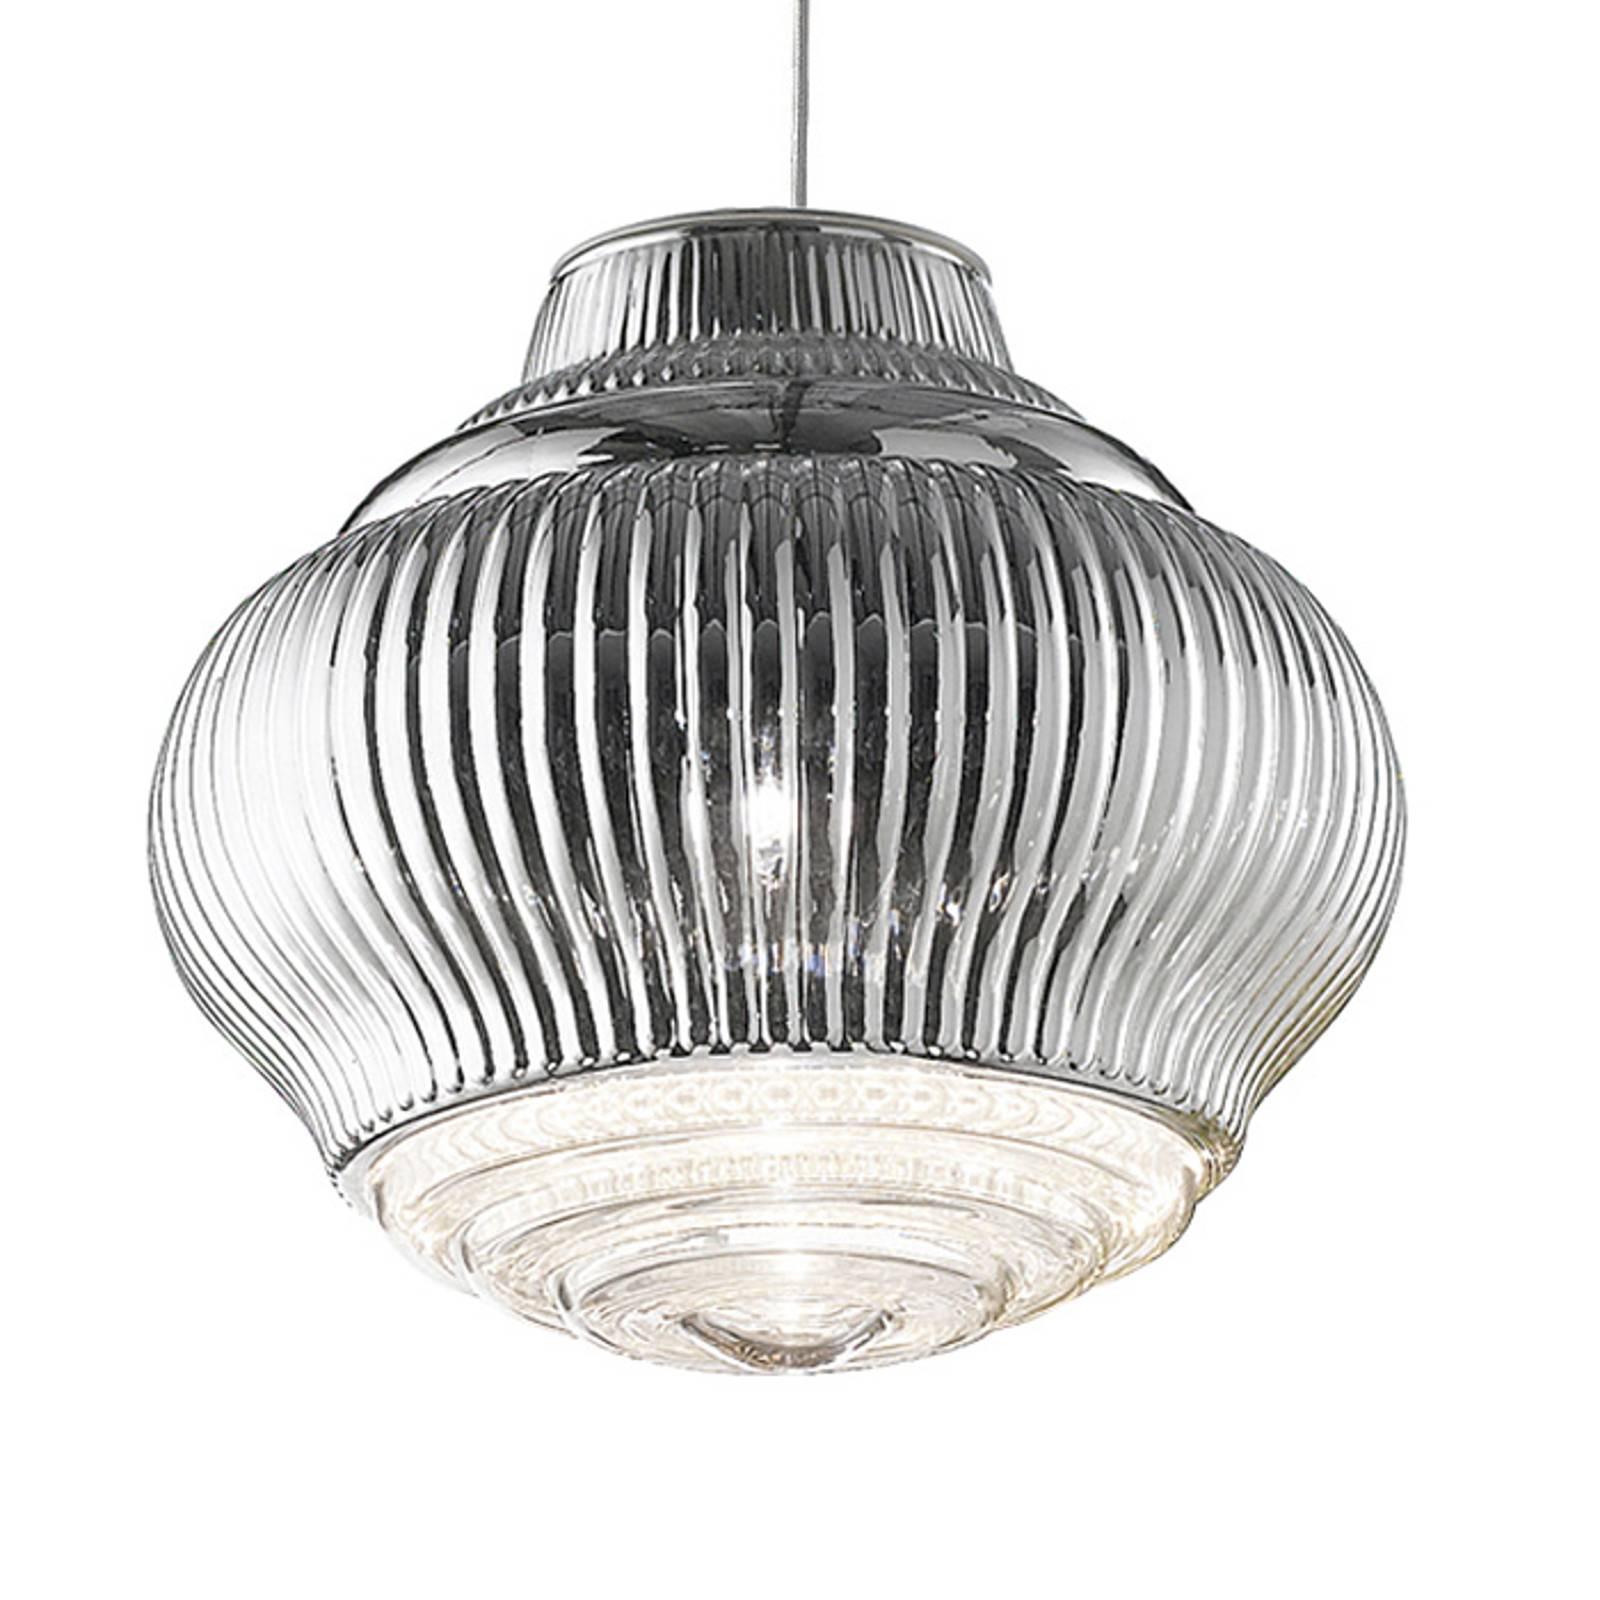 Lampa wisząca Bonnie 130 cm srebrna metallic